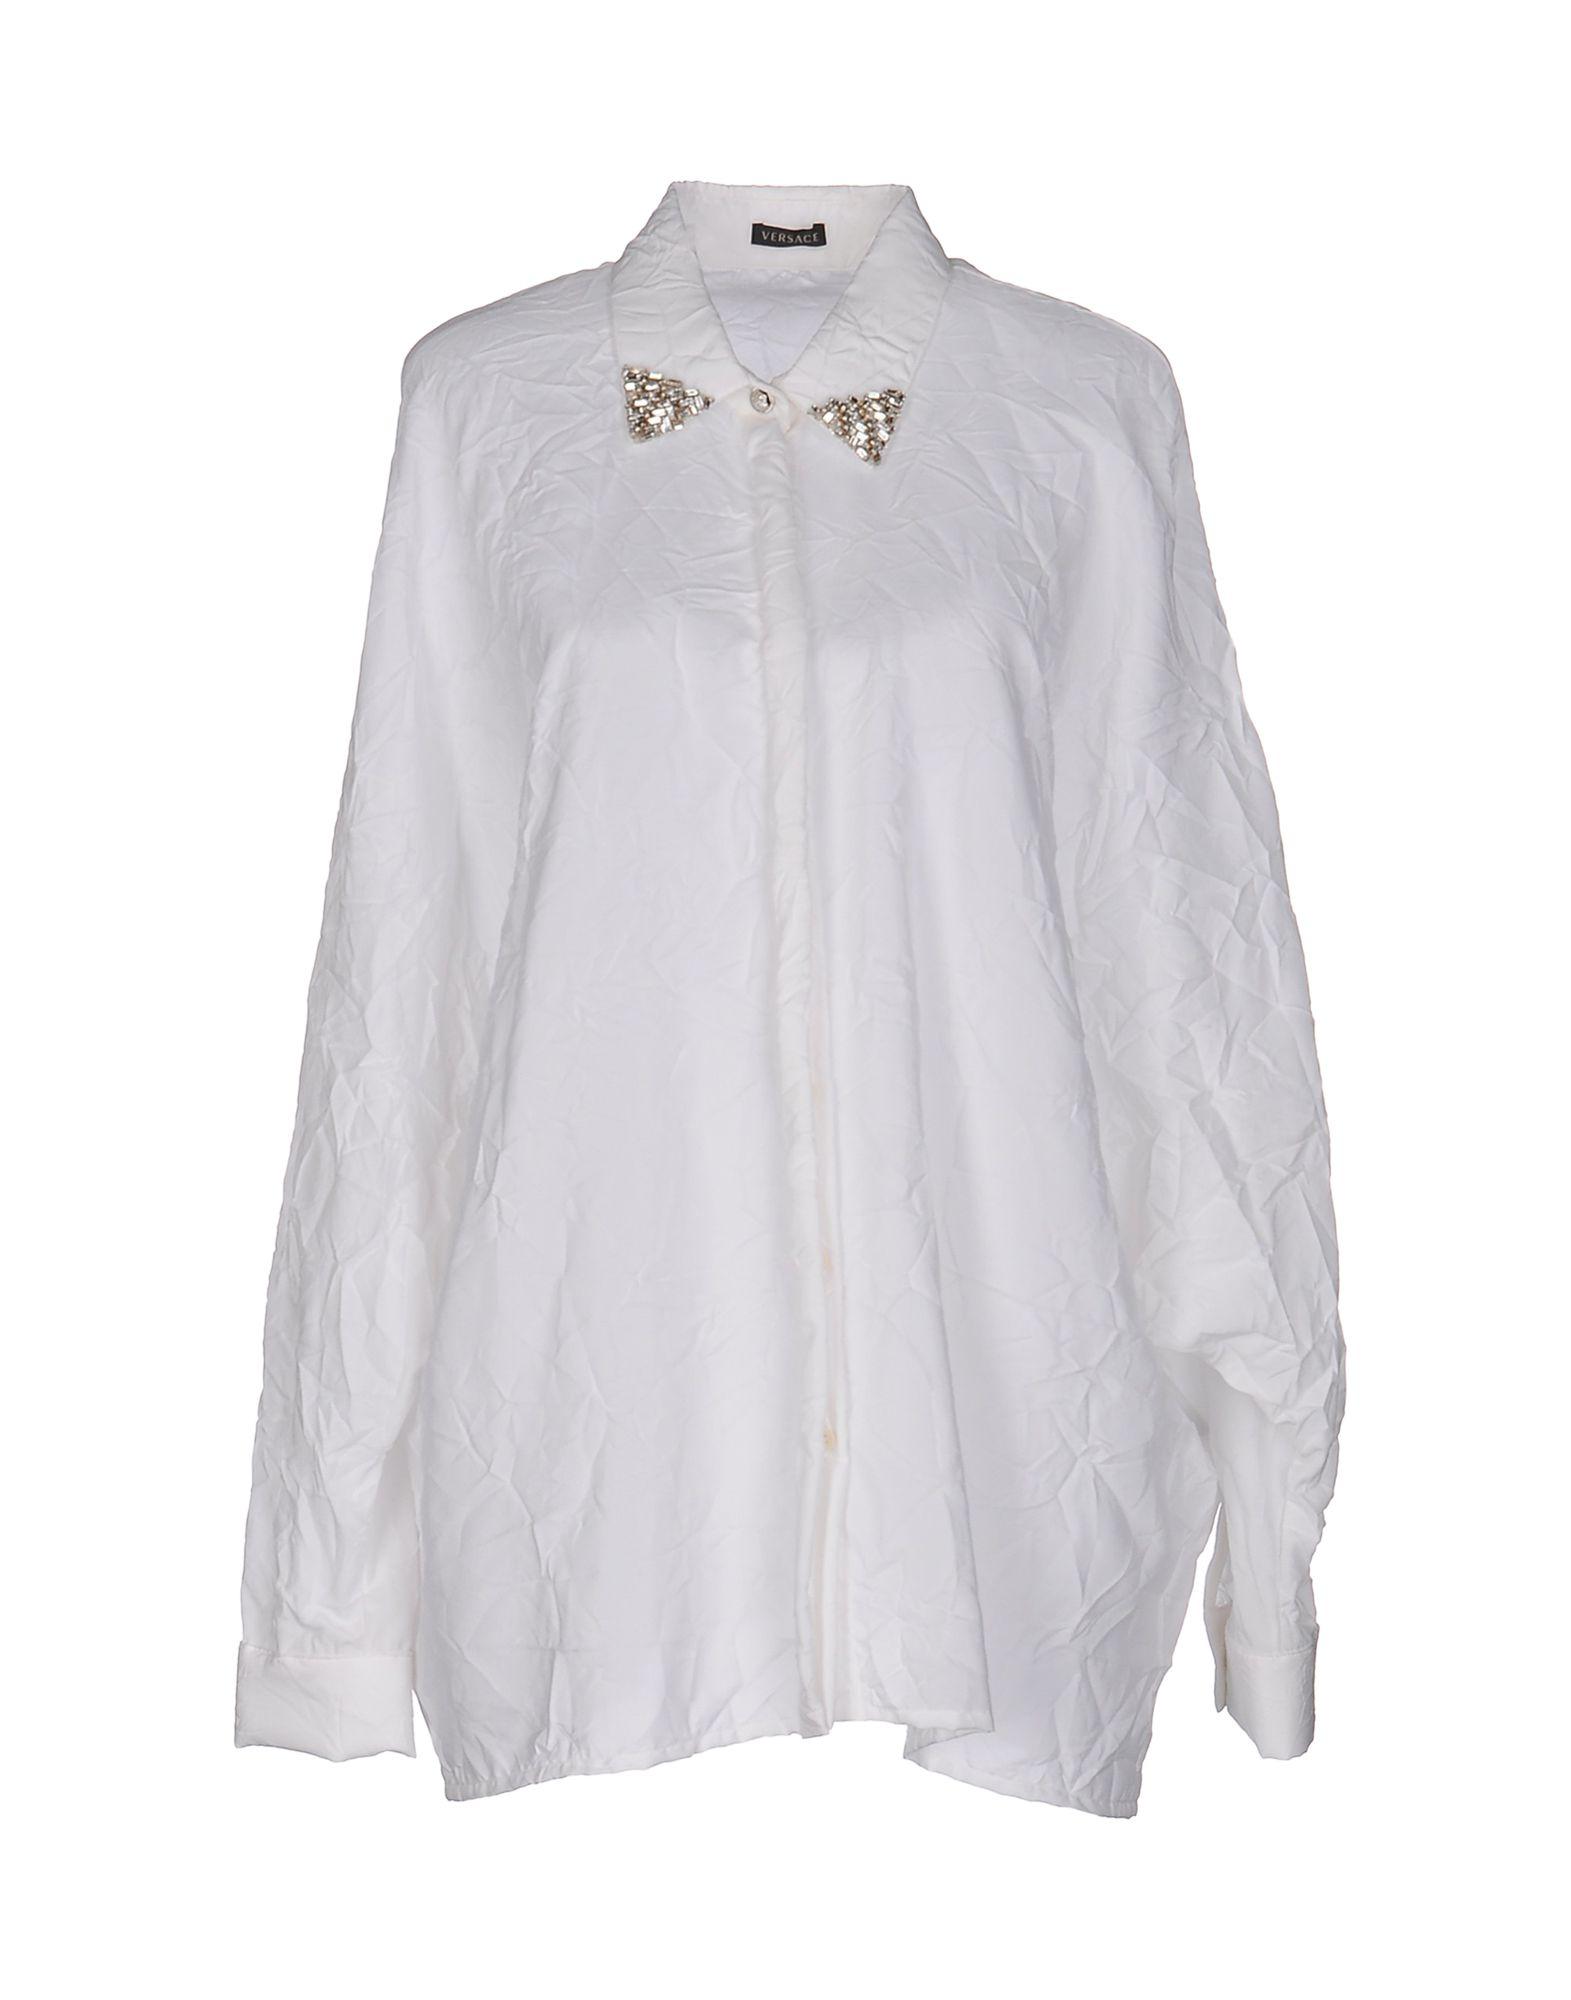 VERSACE Damen Hemd Farbe Weiß Größe 5